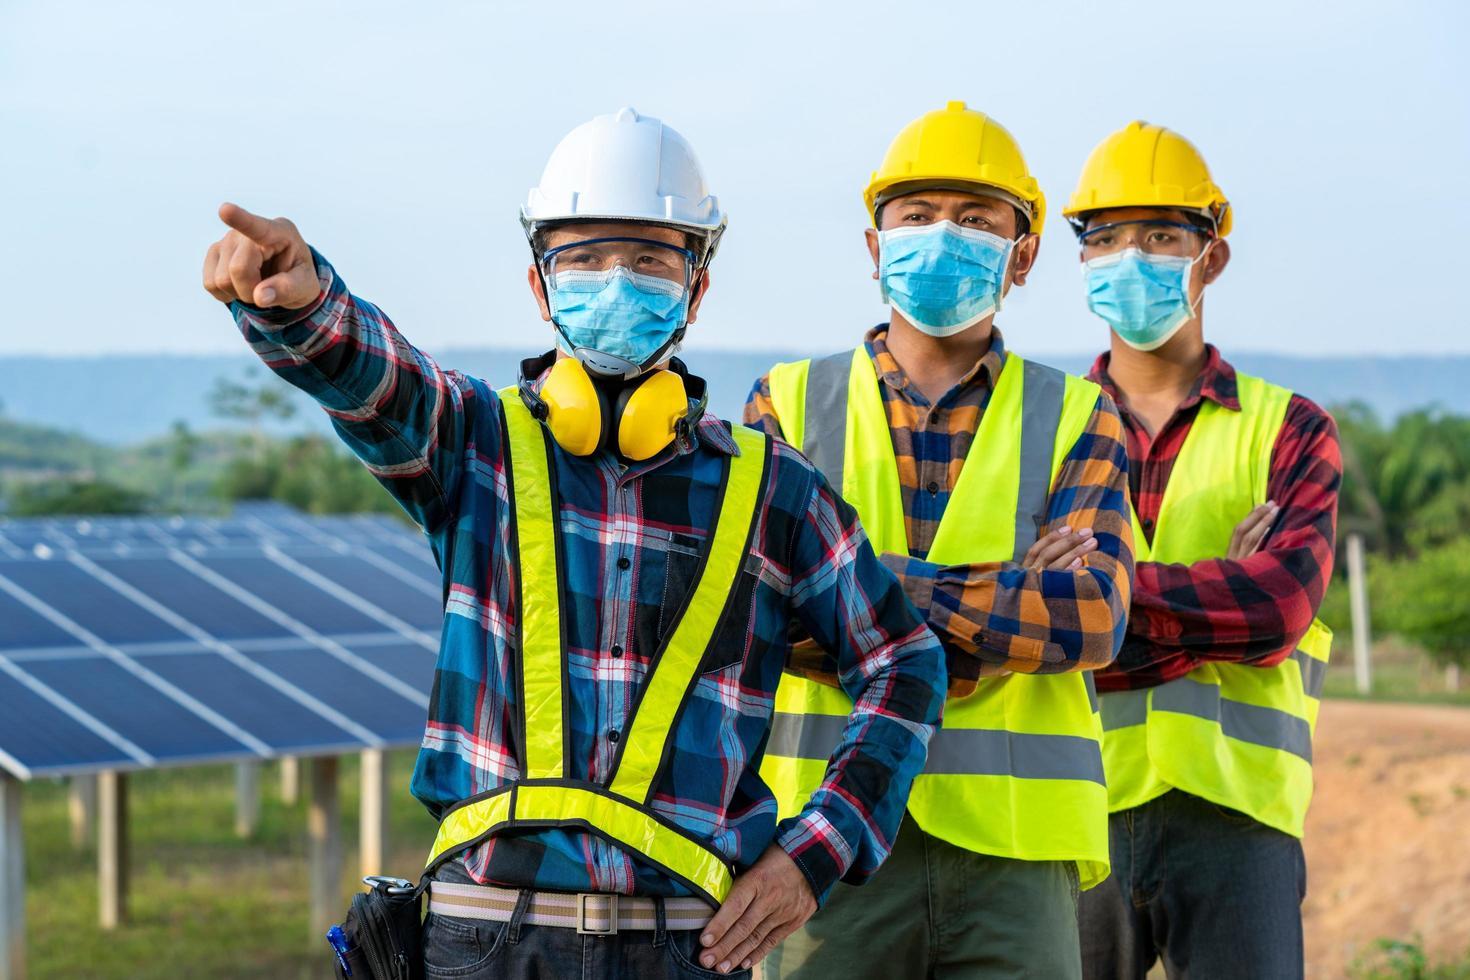 travailleurs masqués à côté du panneau solaire photo